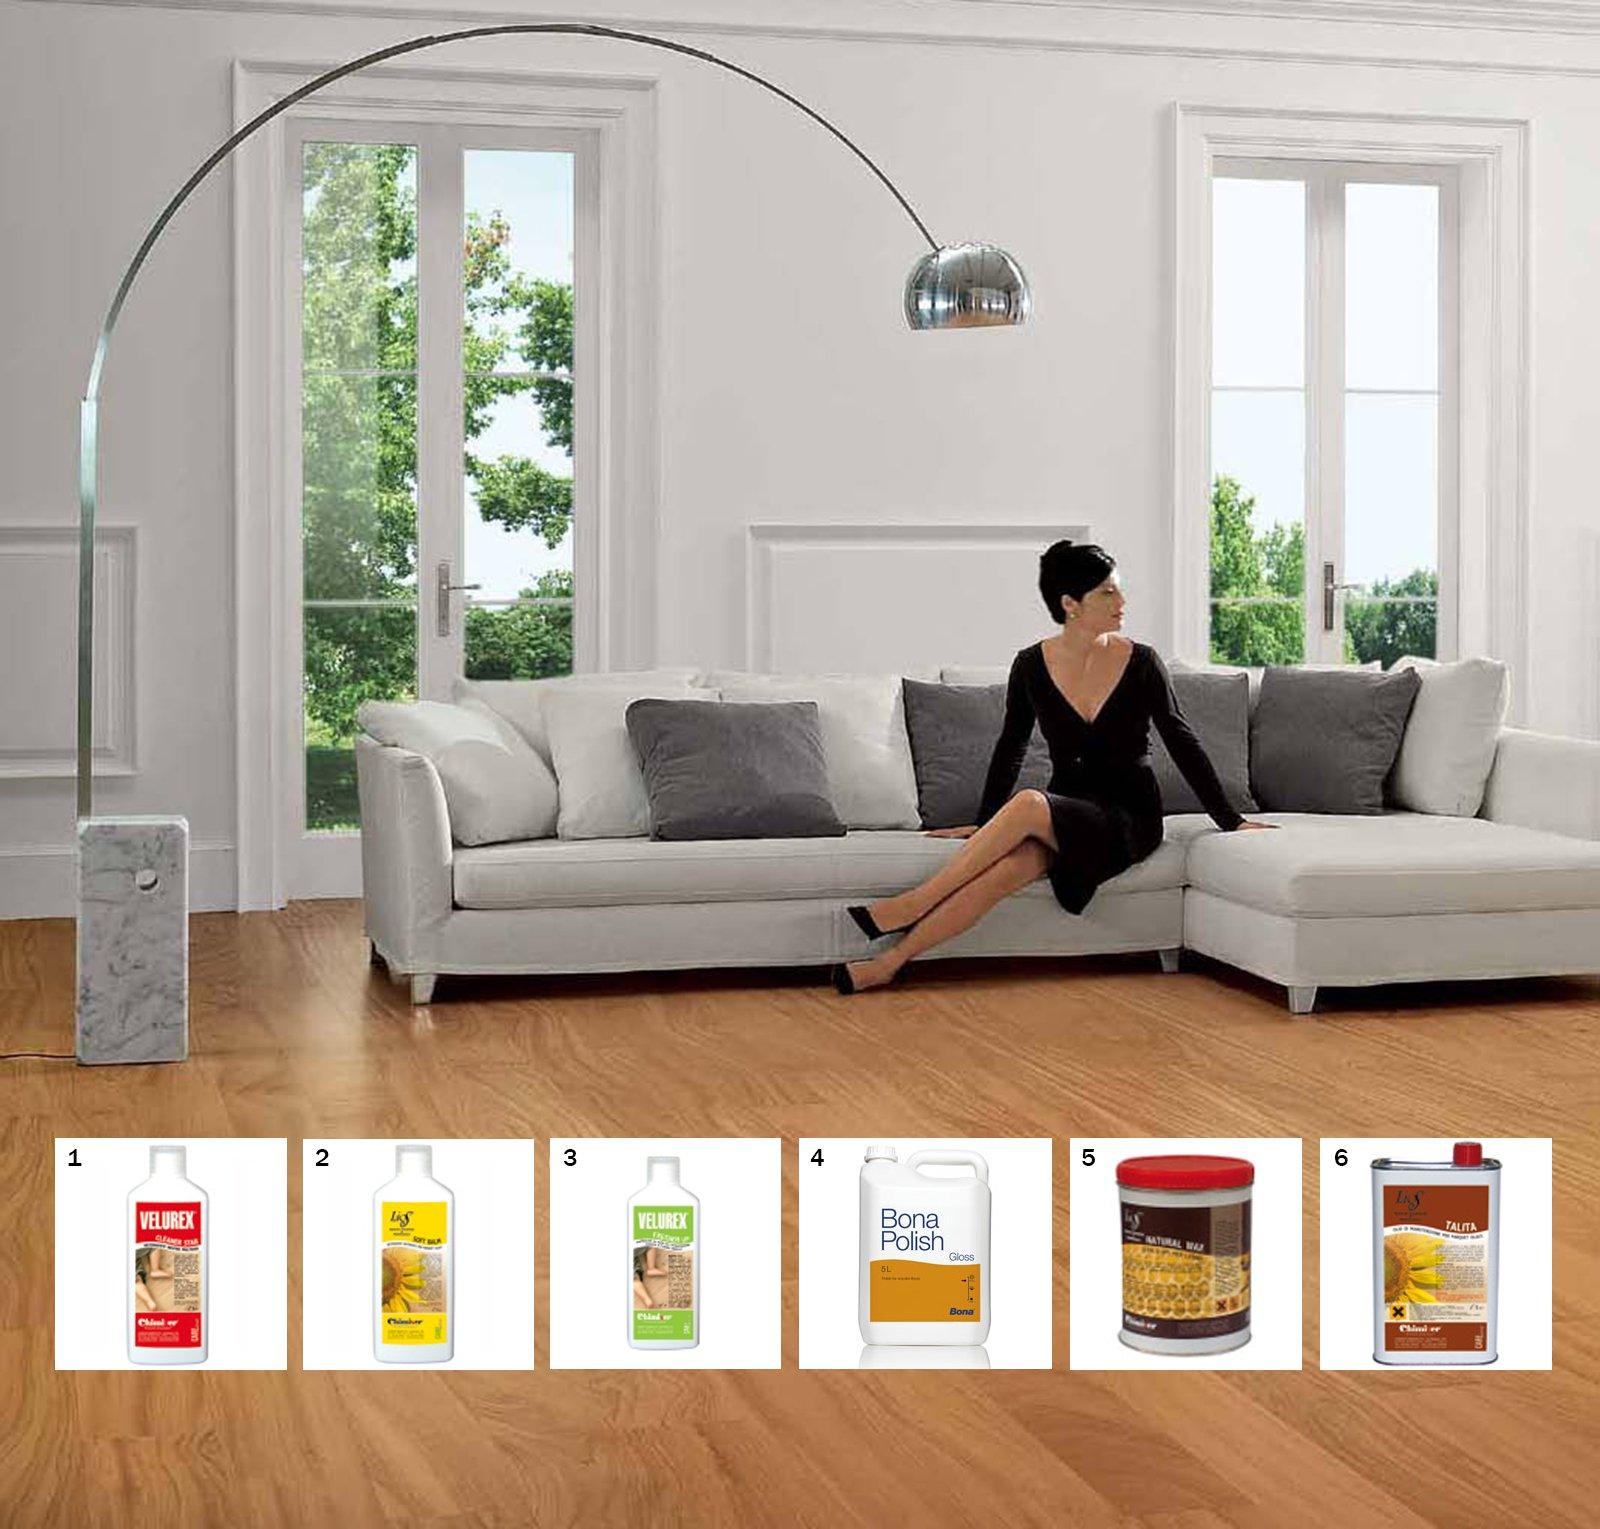 Casabook Immobiliare: Parquet: manutenzione e pulizia per mantenerlo bello